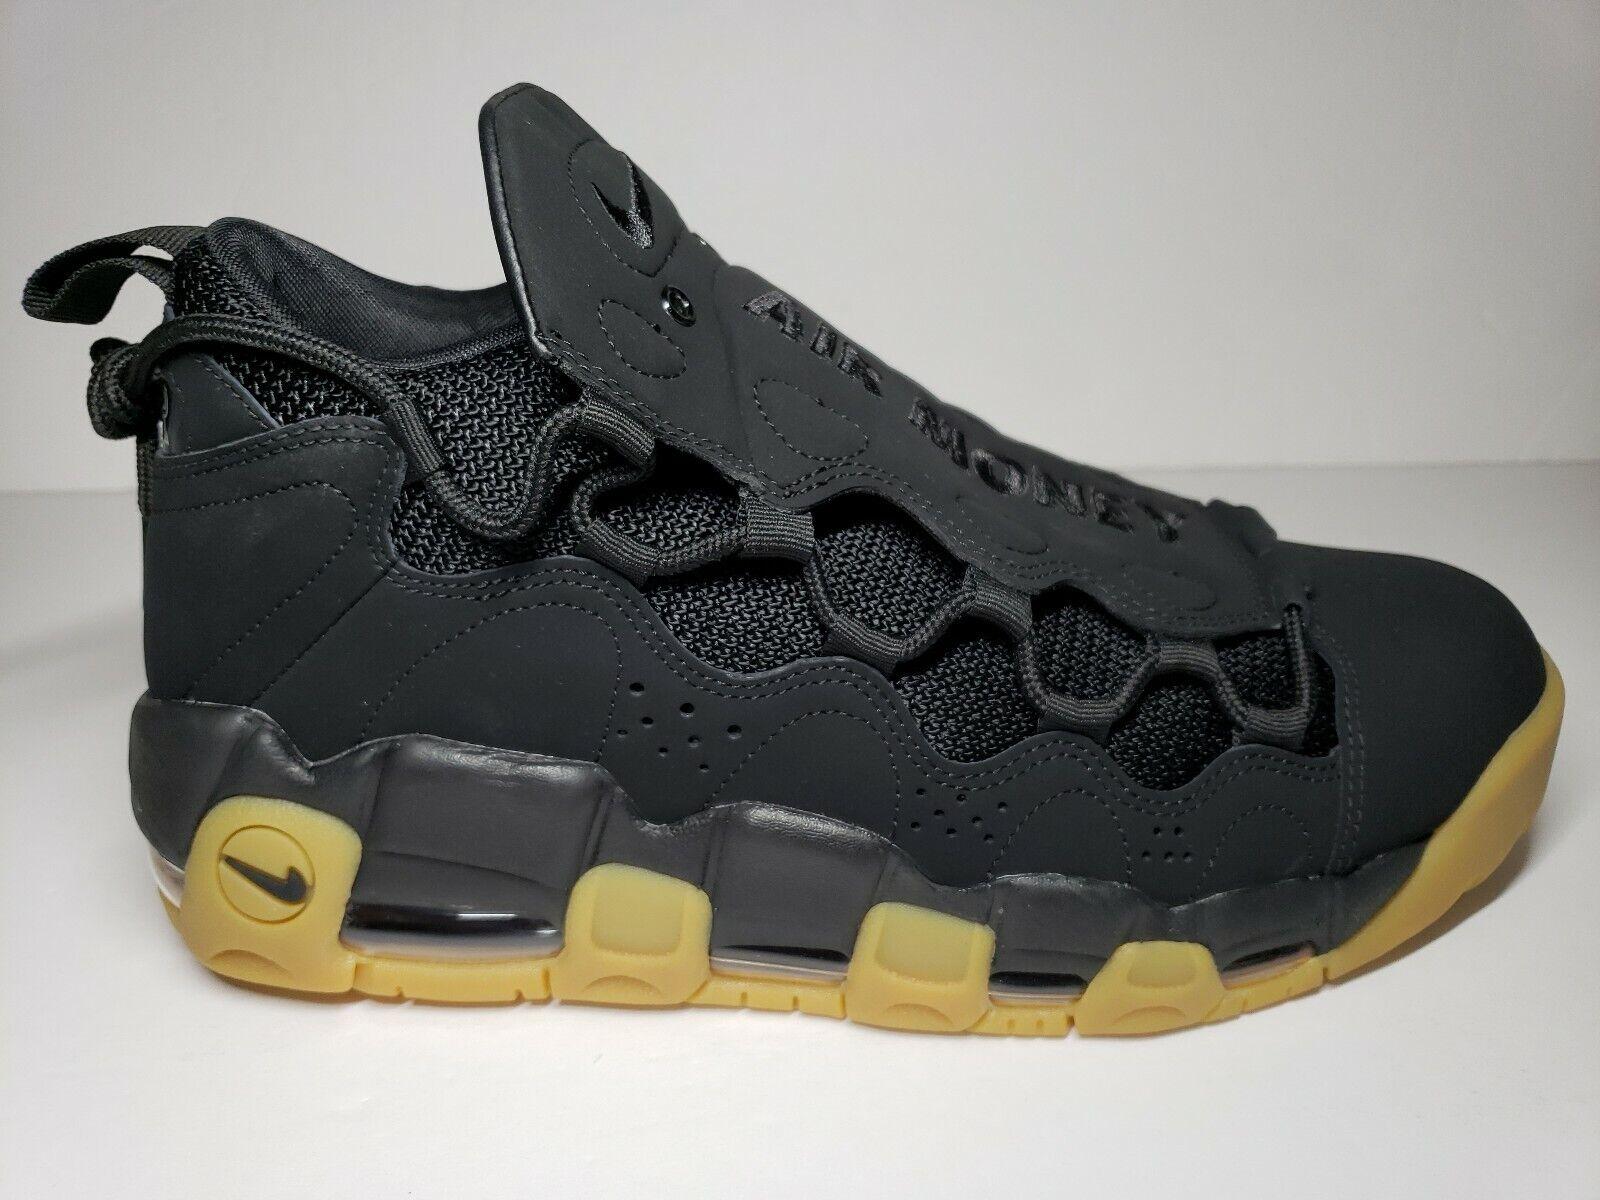 uomo Nike Air More Money UPTEMPO nero AJ2998  004 BASKETBALL scarpe Dimensione 11  le migliori marche vendono a buon mercato